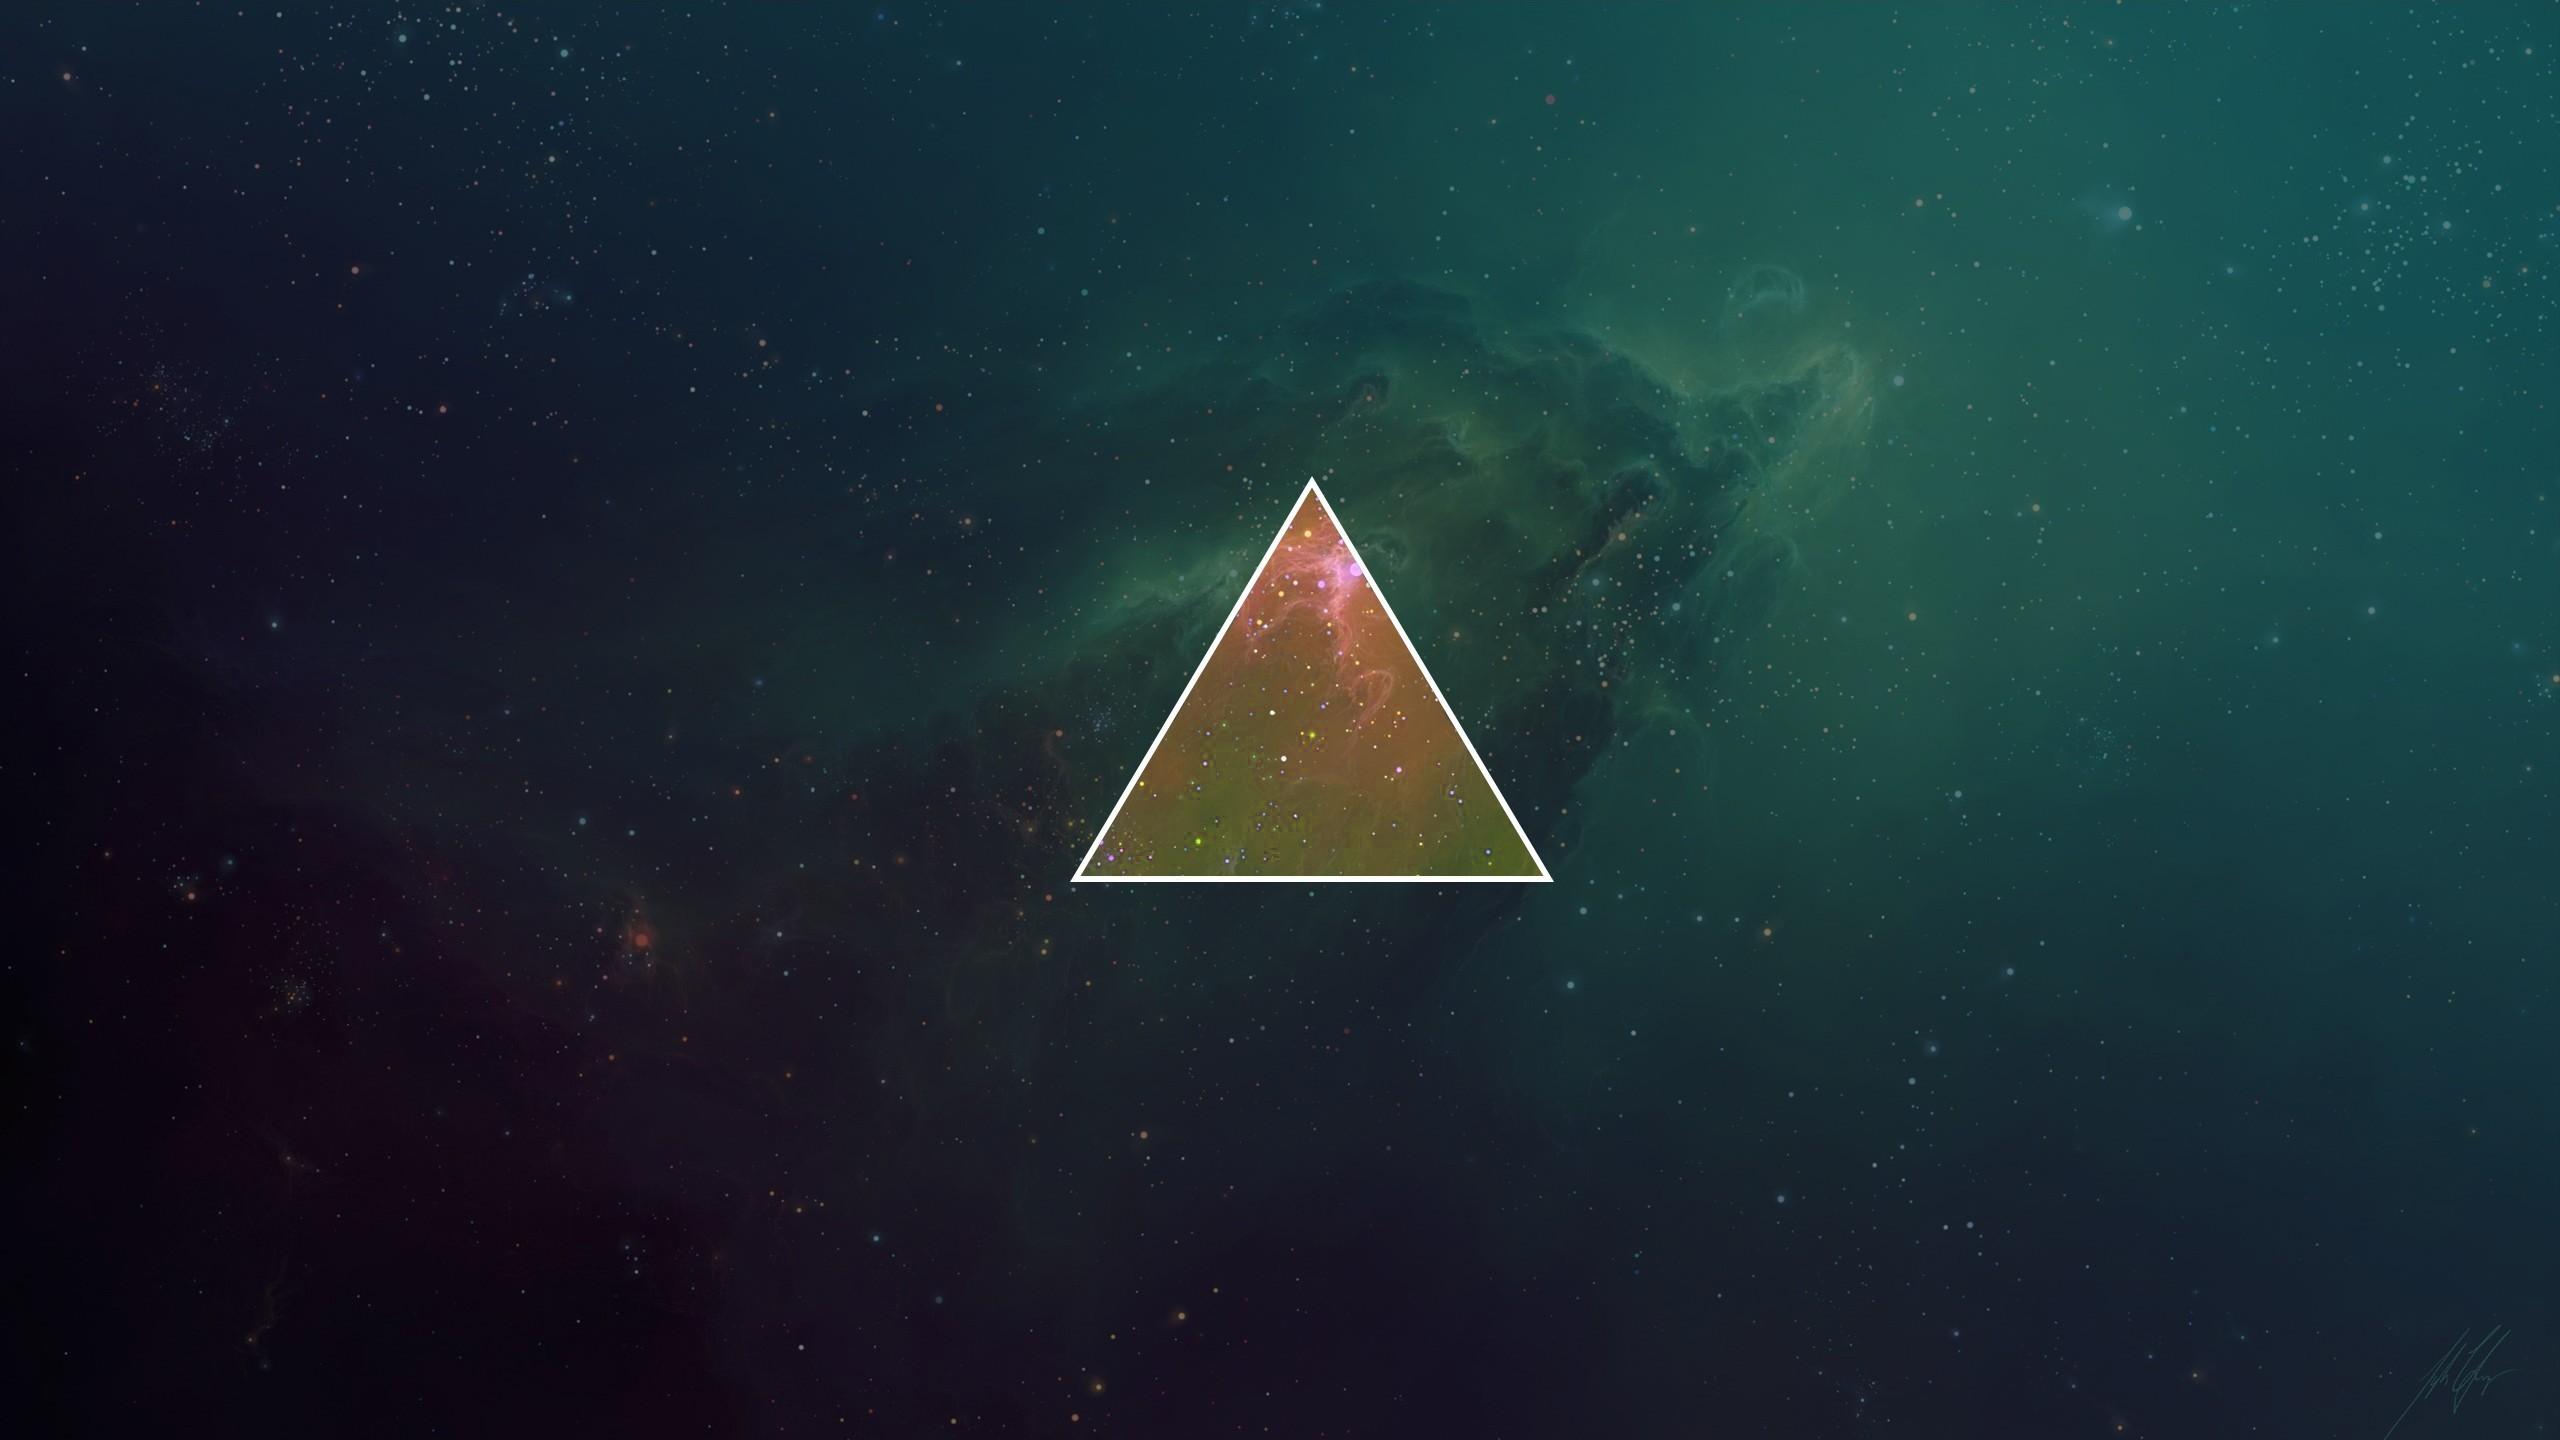 Desktop backgrounds · Hipster Art wallpaper